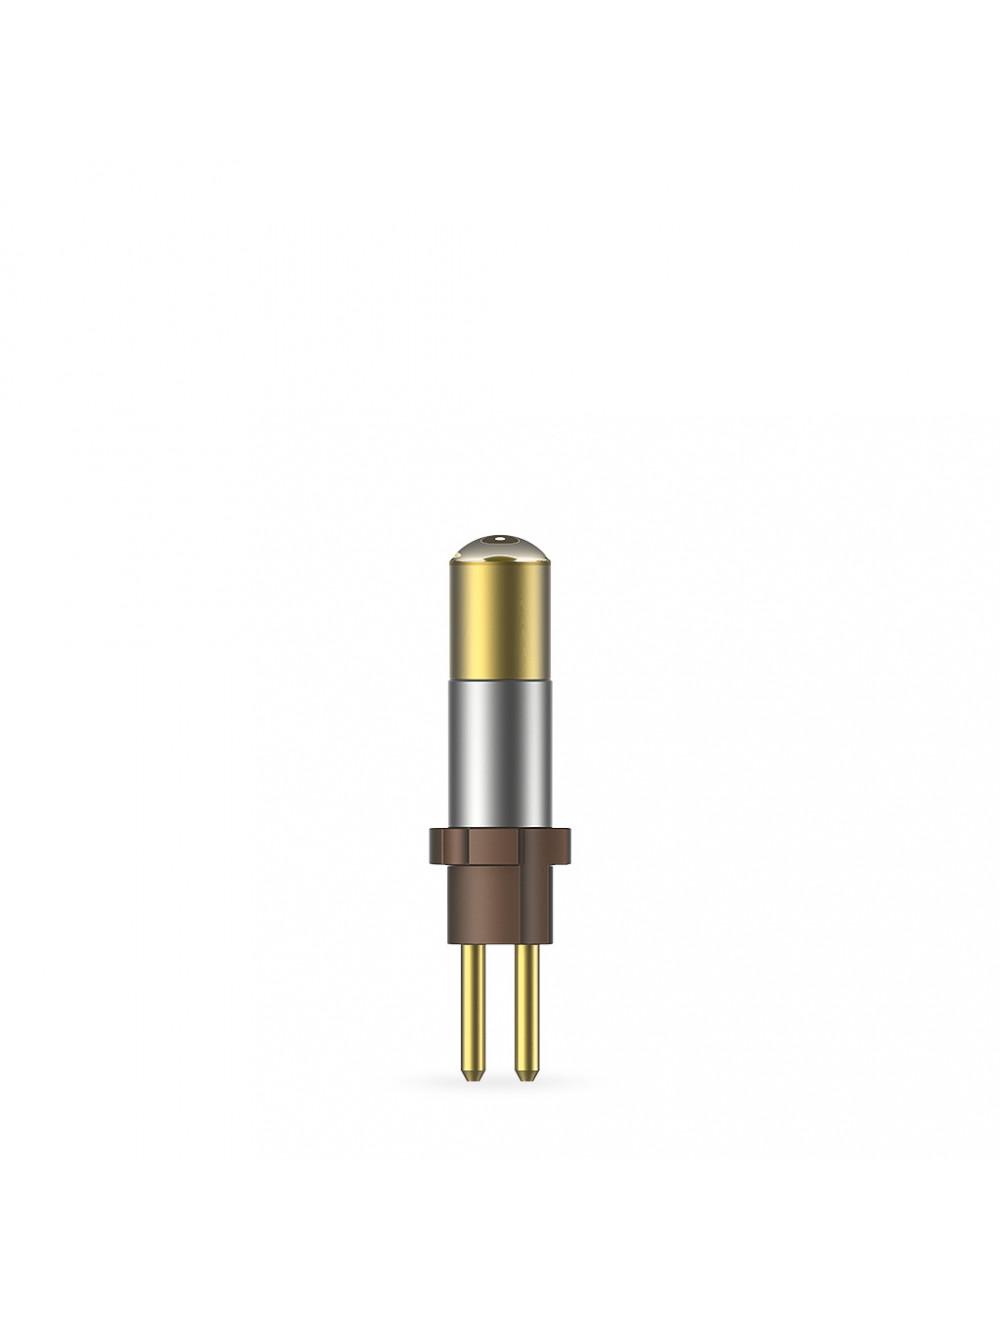 Das Produkt MK-dent LED Lampe BU8012ST aus dem Global-dent online shop.